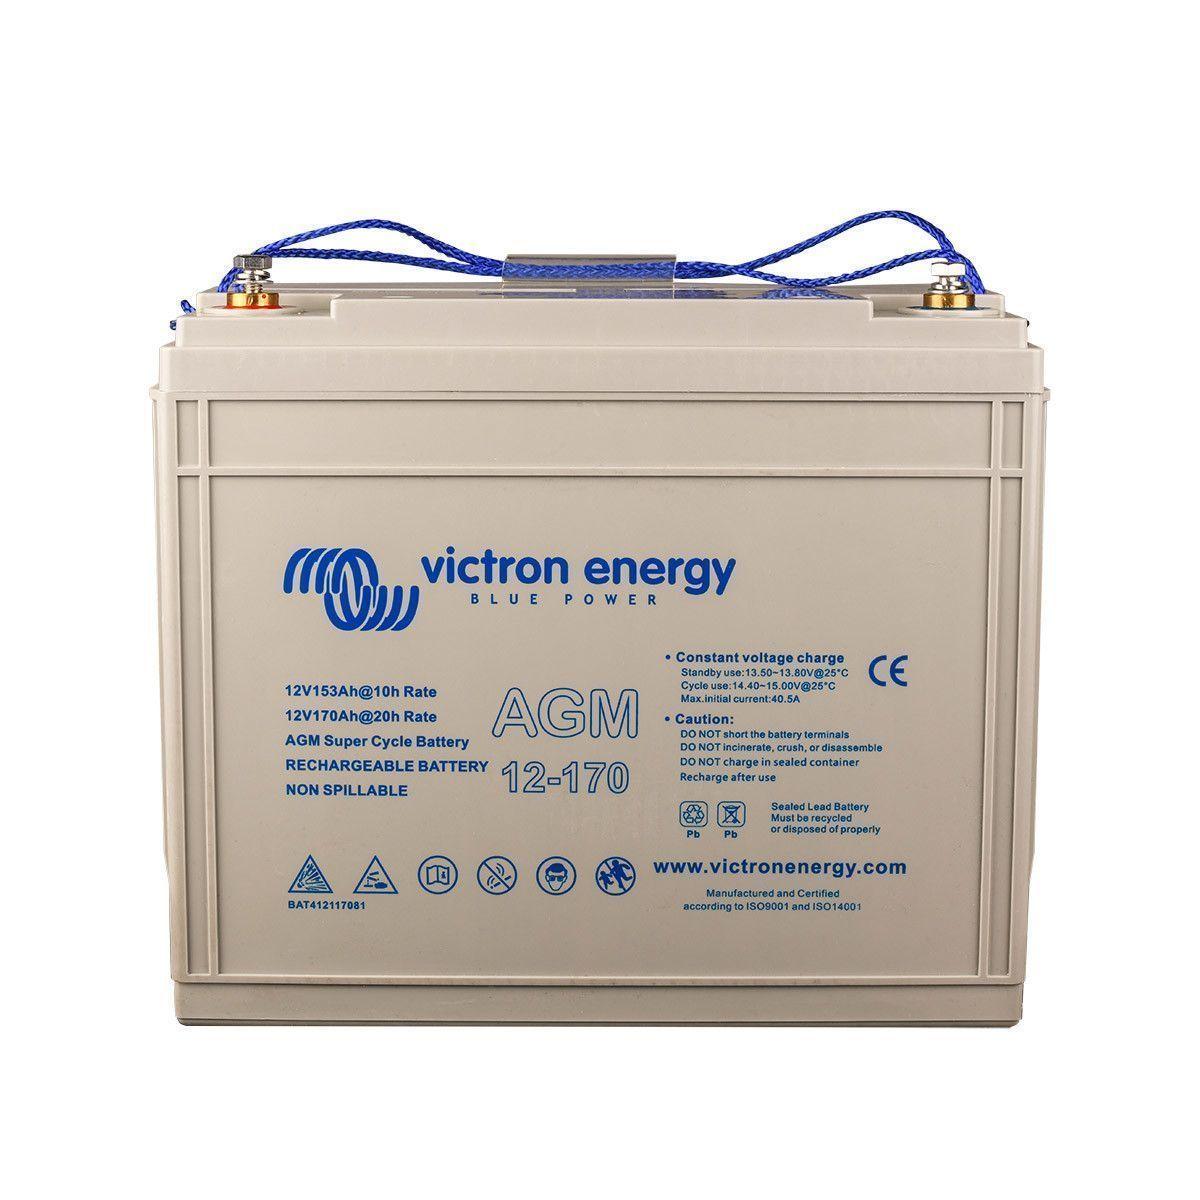 batterie agm 12v 170ah super cycle victron energy. Black Bedroom Furniture Sets. Home Design Ideas